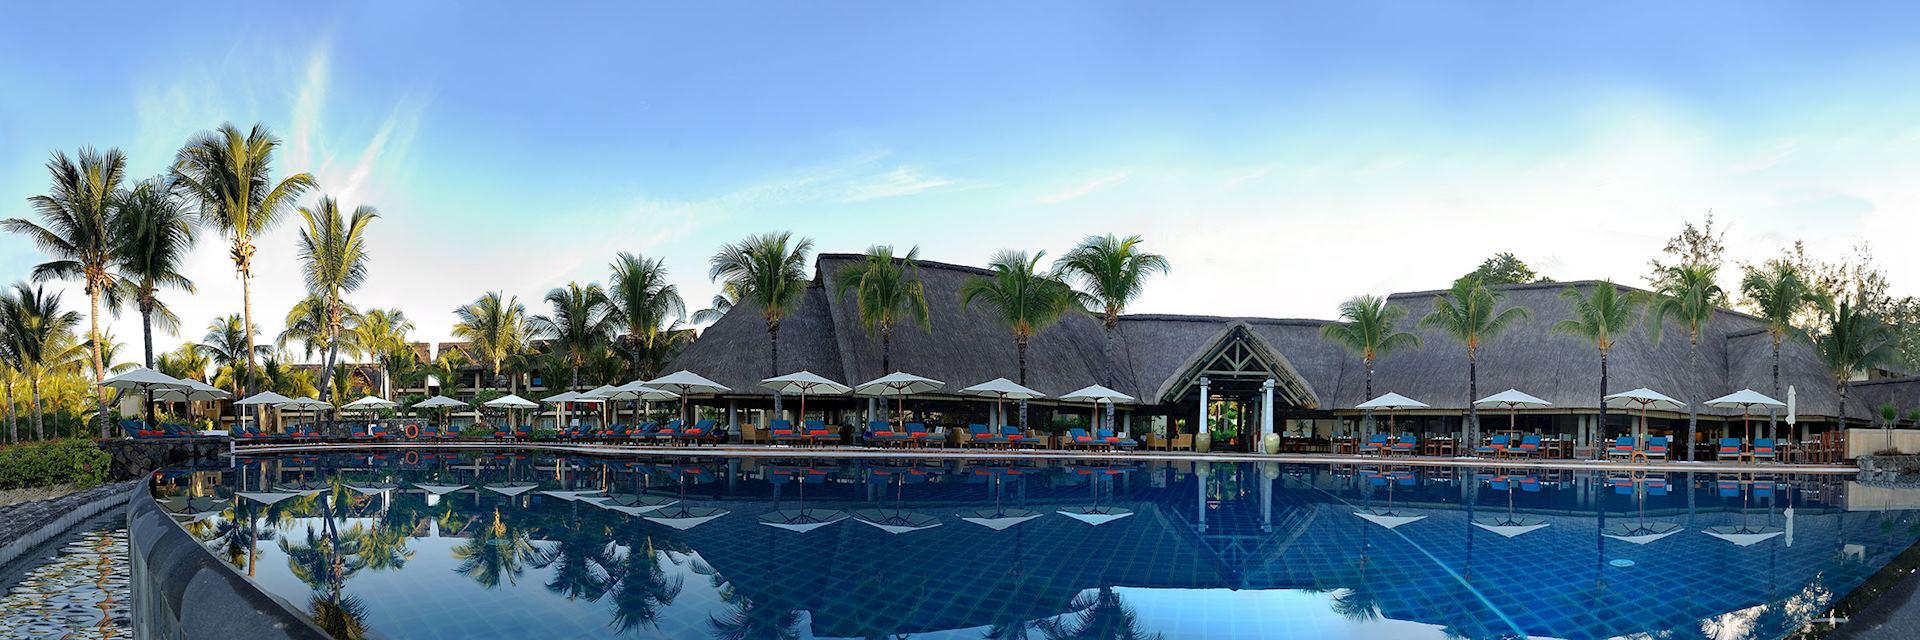 Sandfs Suites Resort, Mauritius